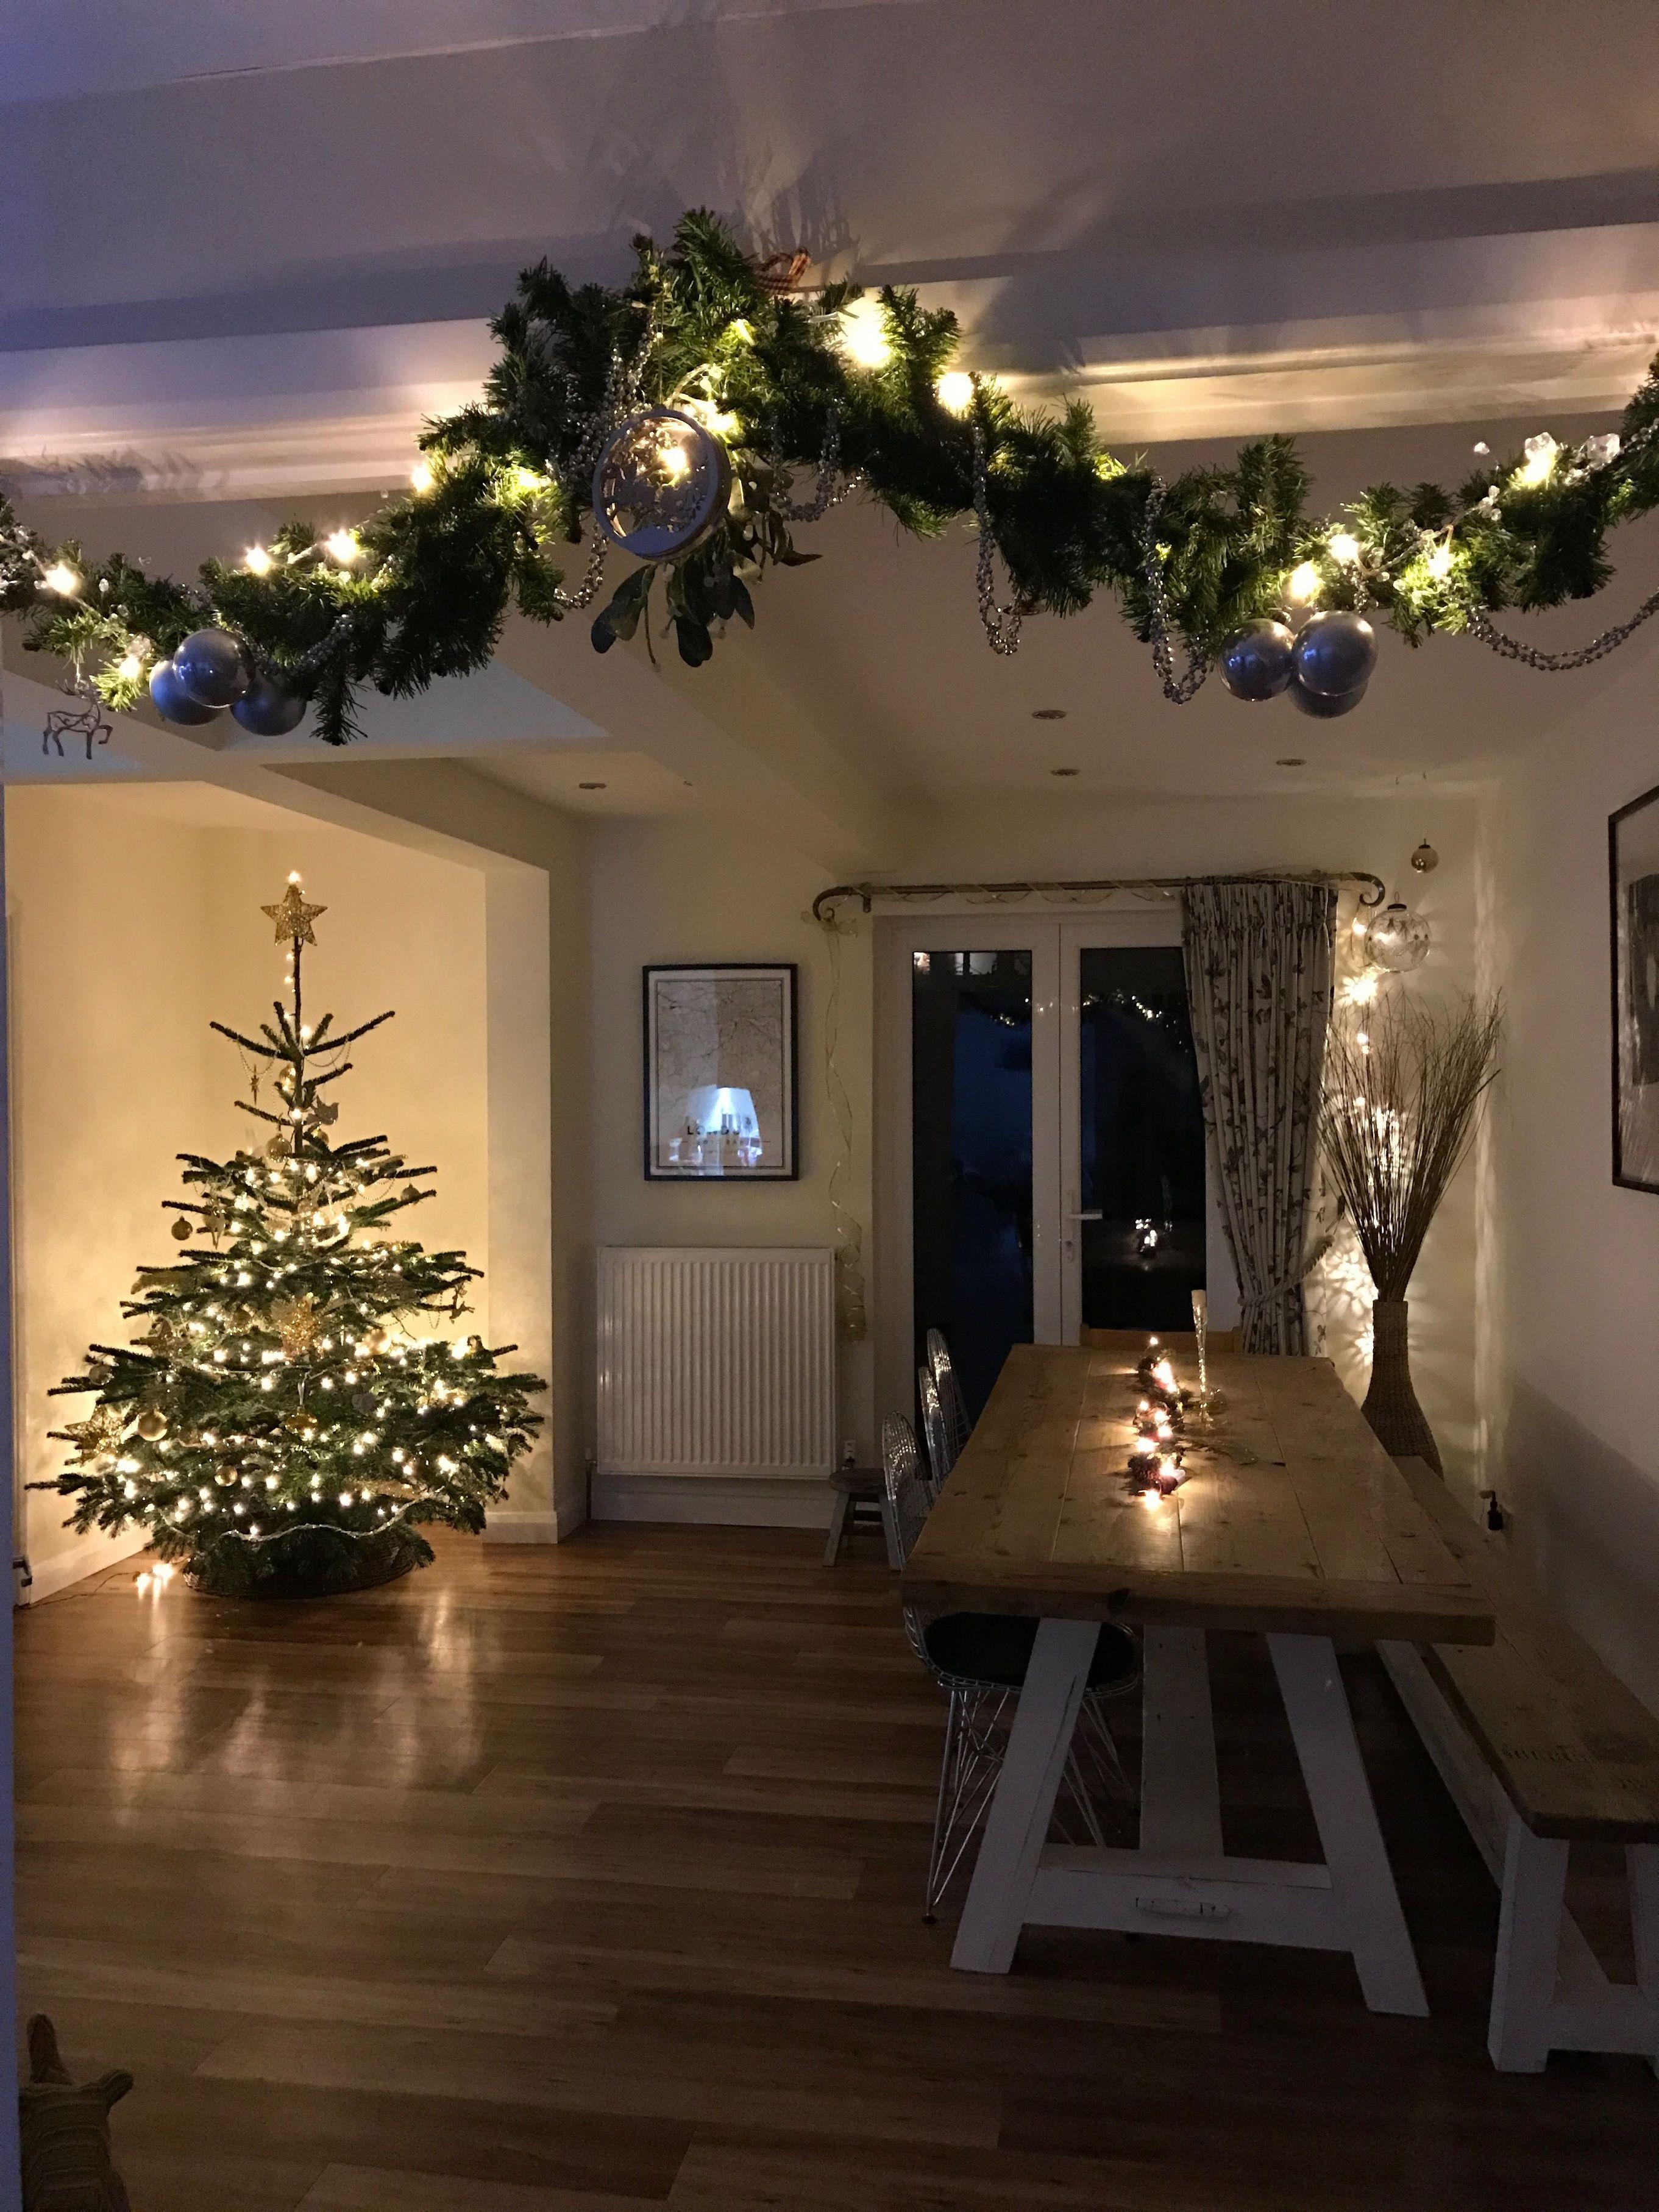 50 Best Outdoor Christmas Decorating Ideas 2015 Rozhdestvenskie Ogni Rozhdestvo Na Ulice Idei Rozhdestvenskih Ukrashenij